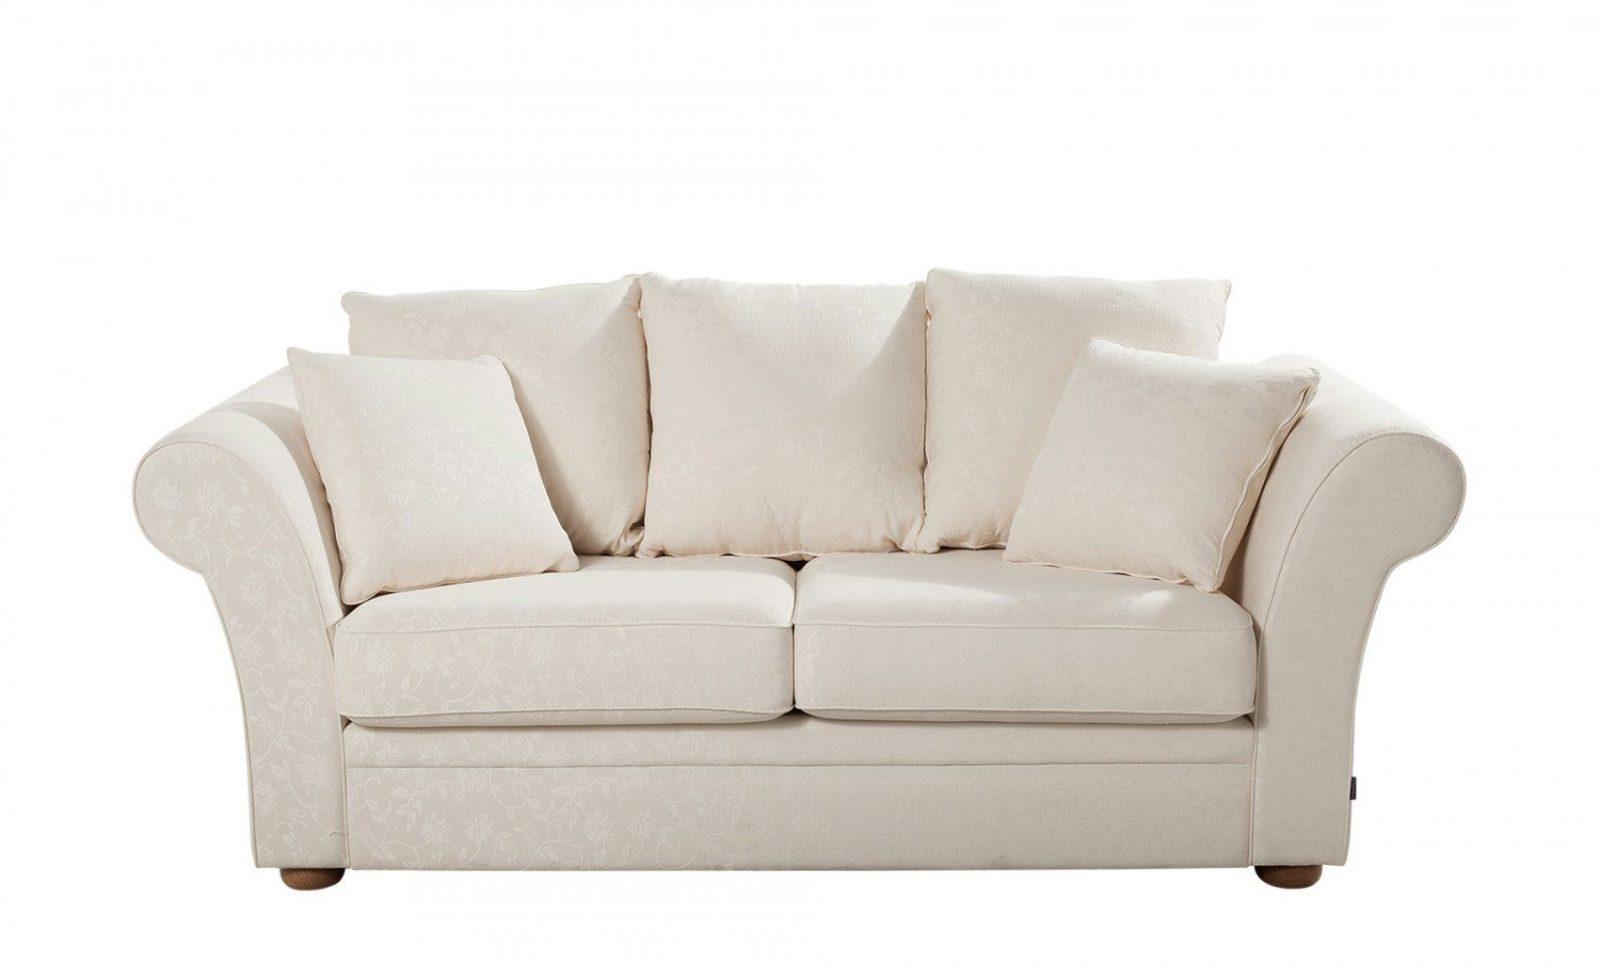 Sofa Landhausstil Landhaus Couch Naturloft Mit Bettfunktion Gunstig